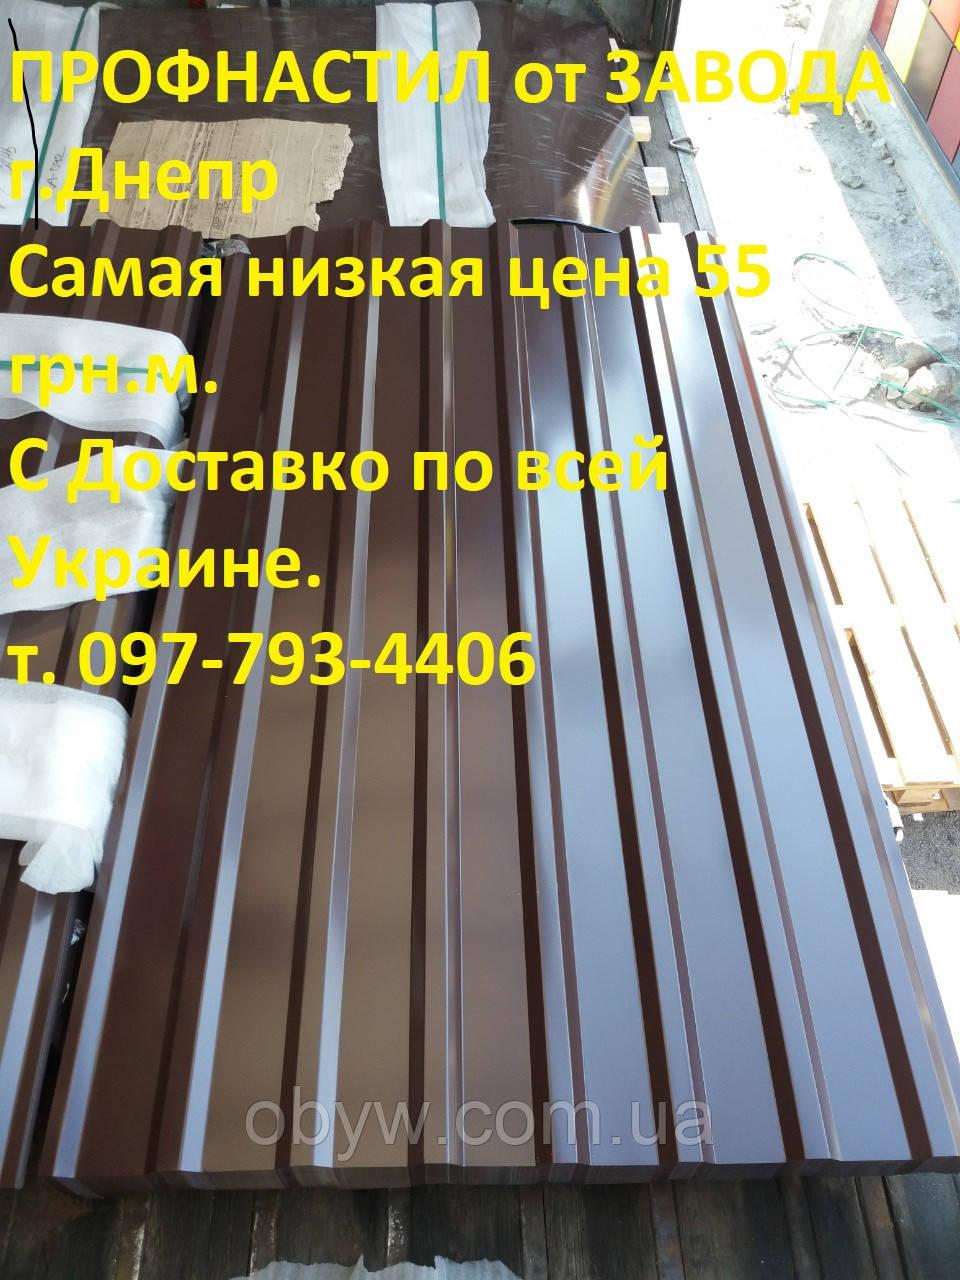 Профнастил изготавливаем и доставляем по Украине